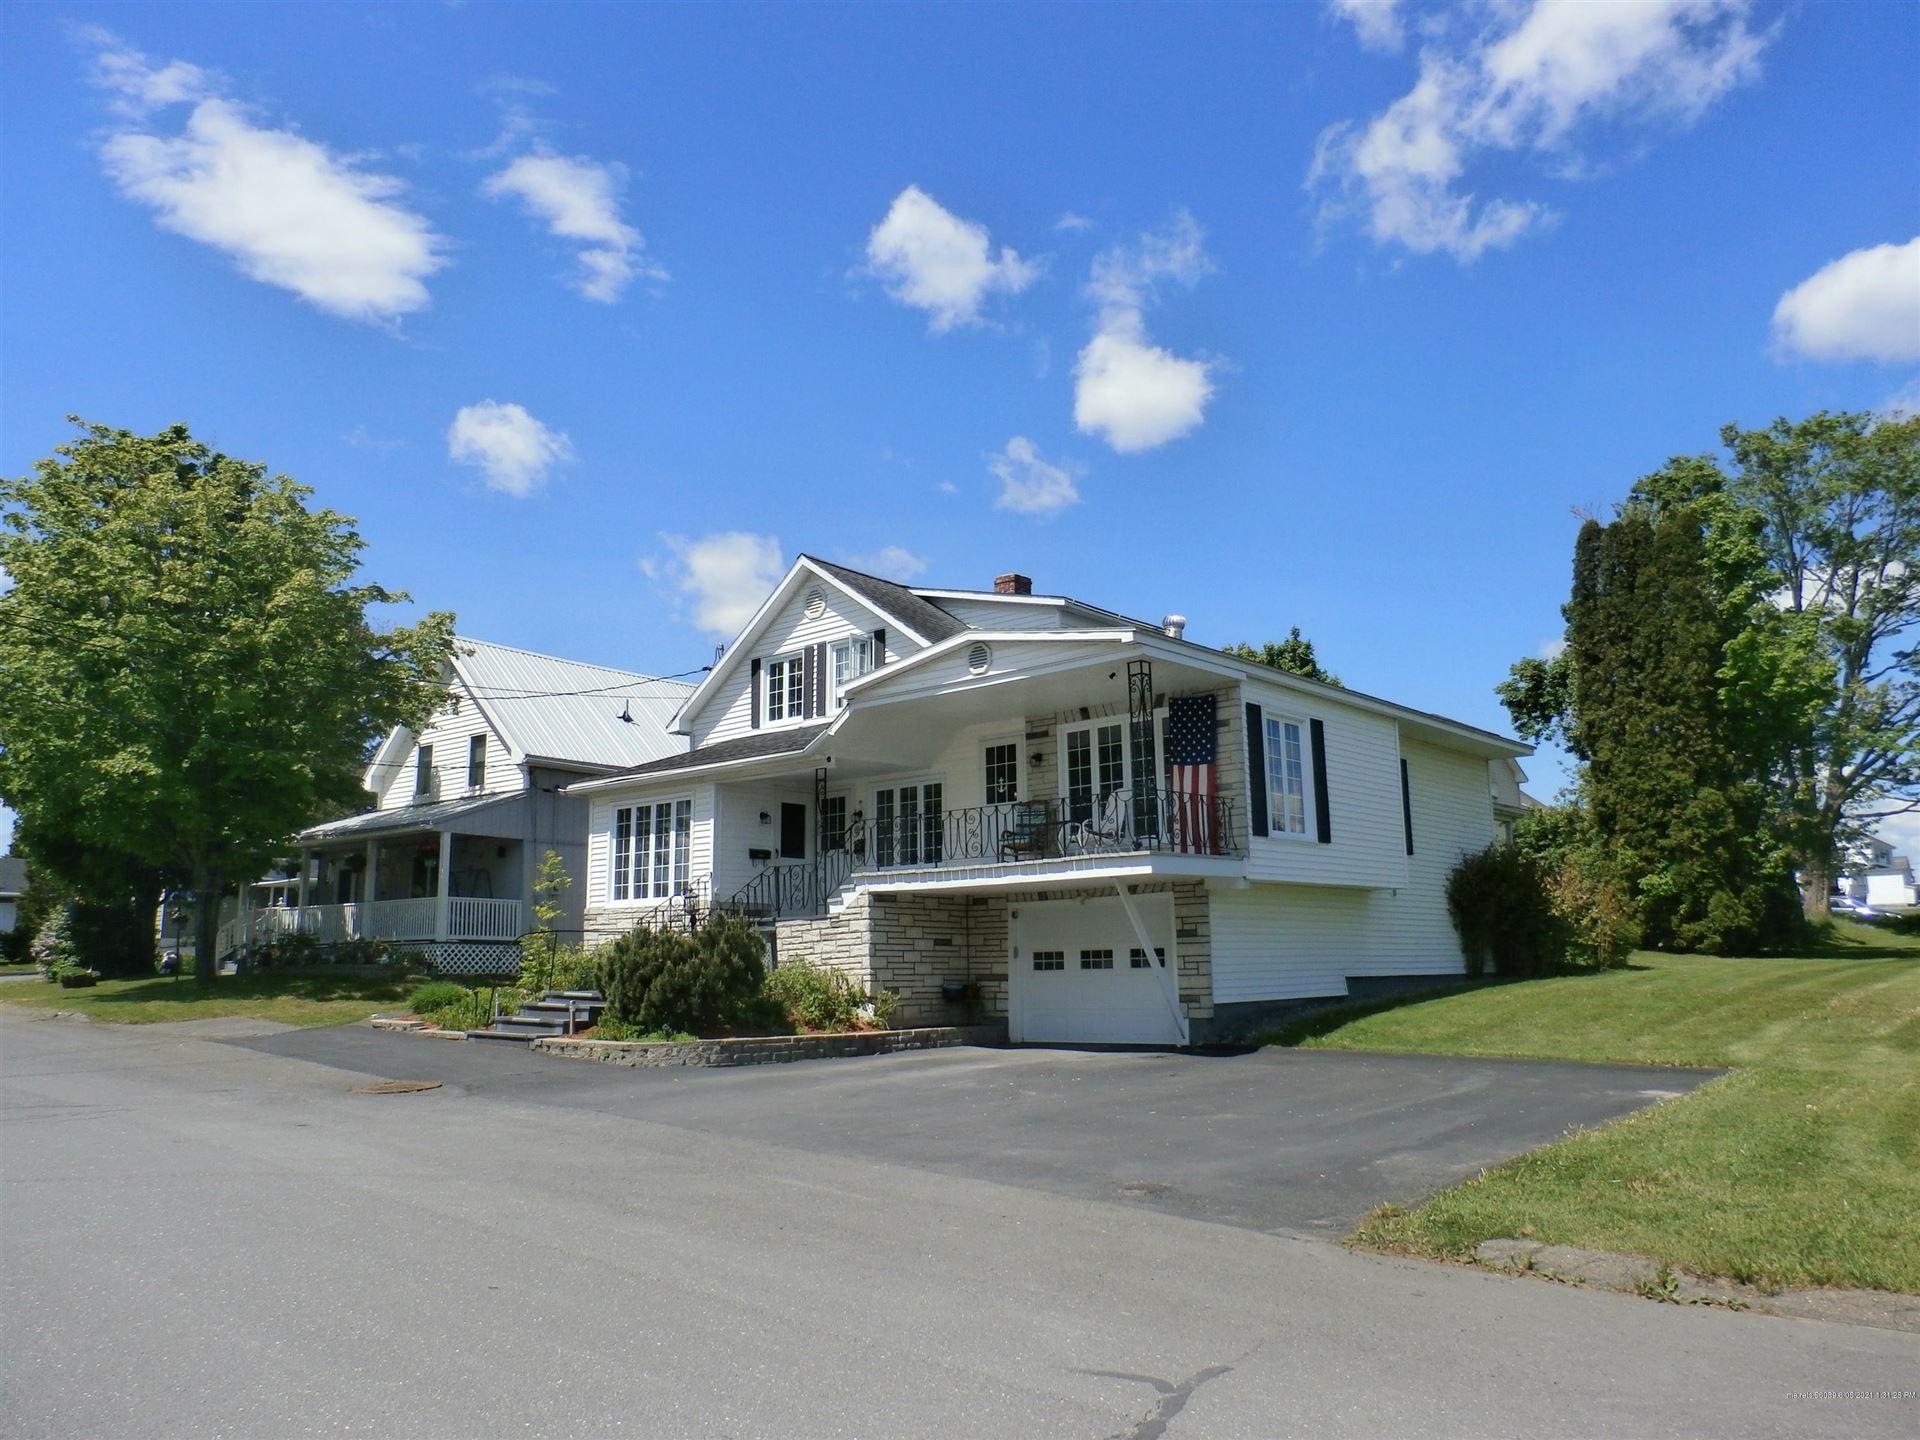 Photo of 114 Mckinley Street, Van Buren, ME 04785 (MLS # 1494668)